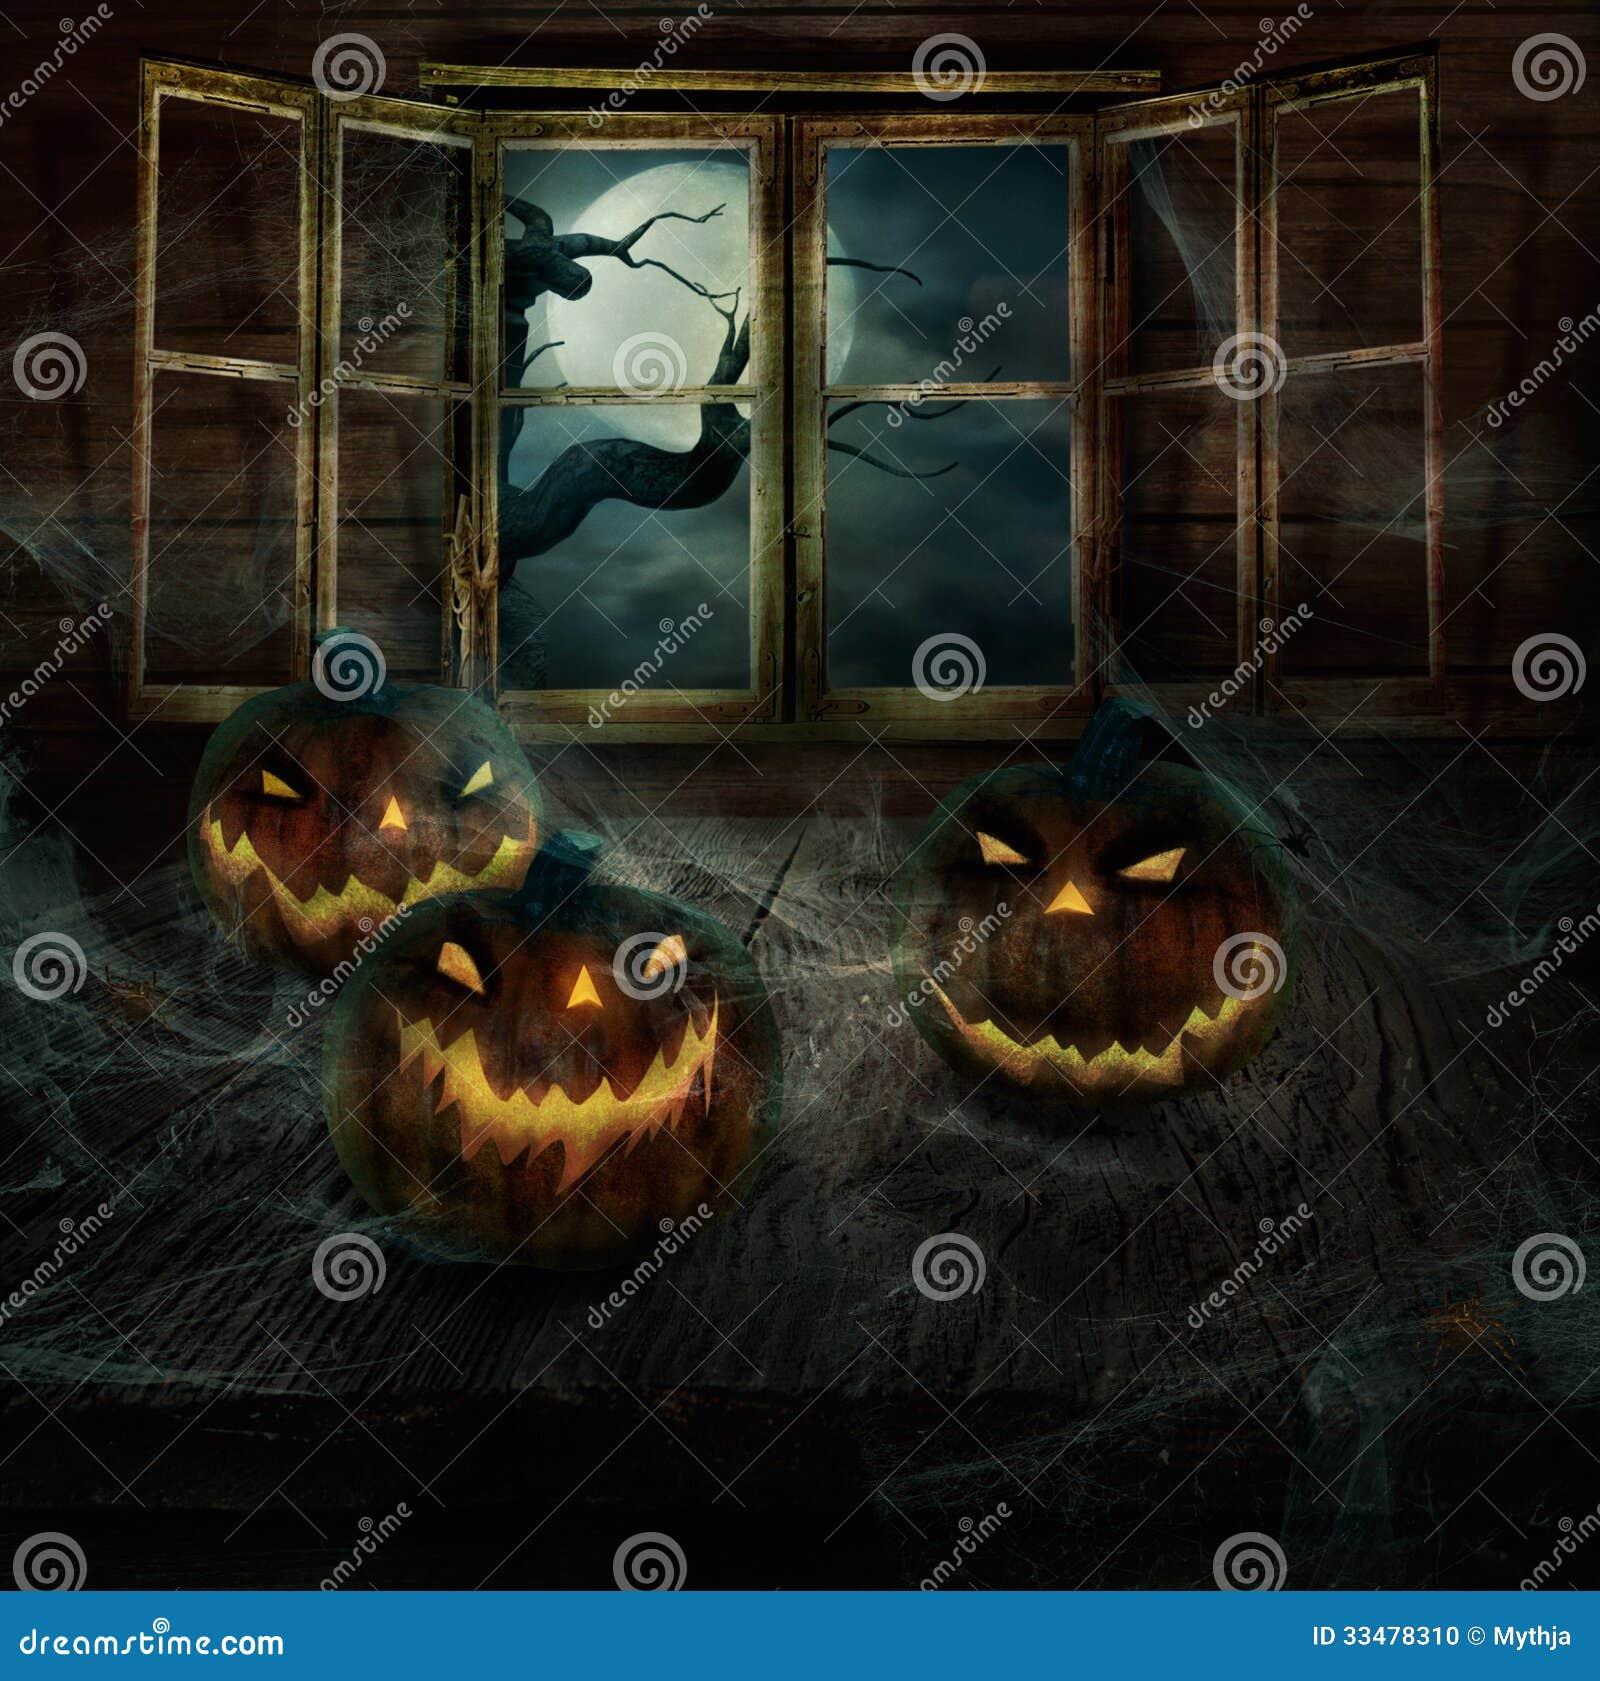 Halloween-Ontwerp - Verlaten pompoenen